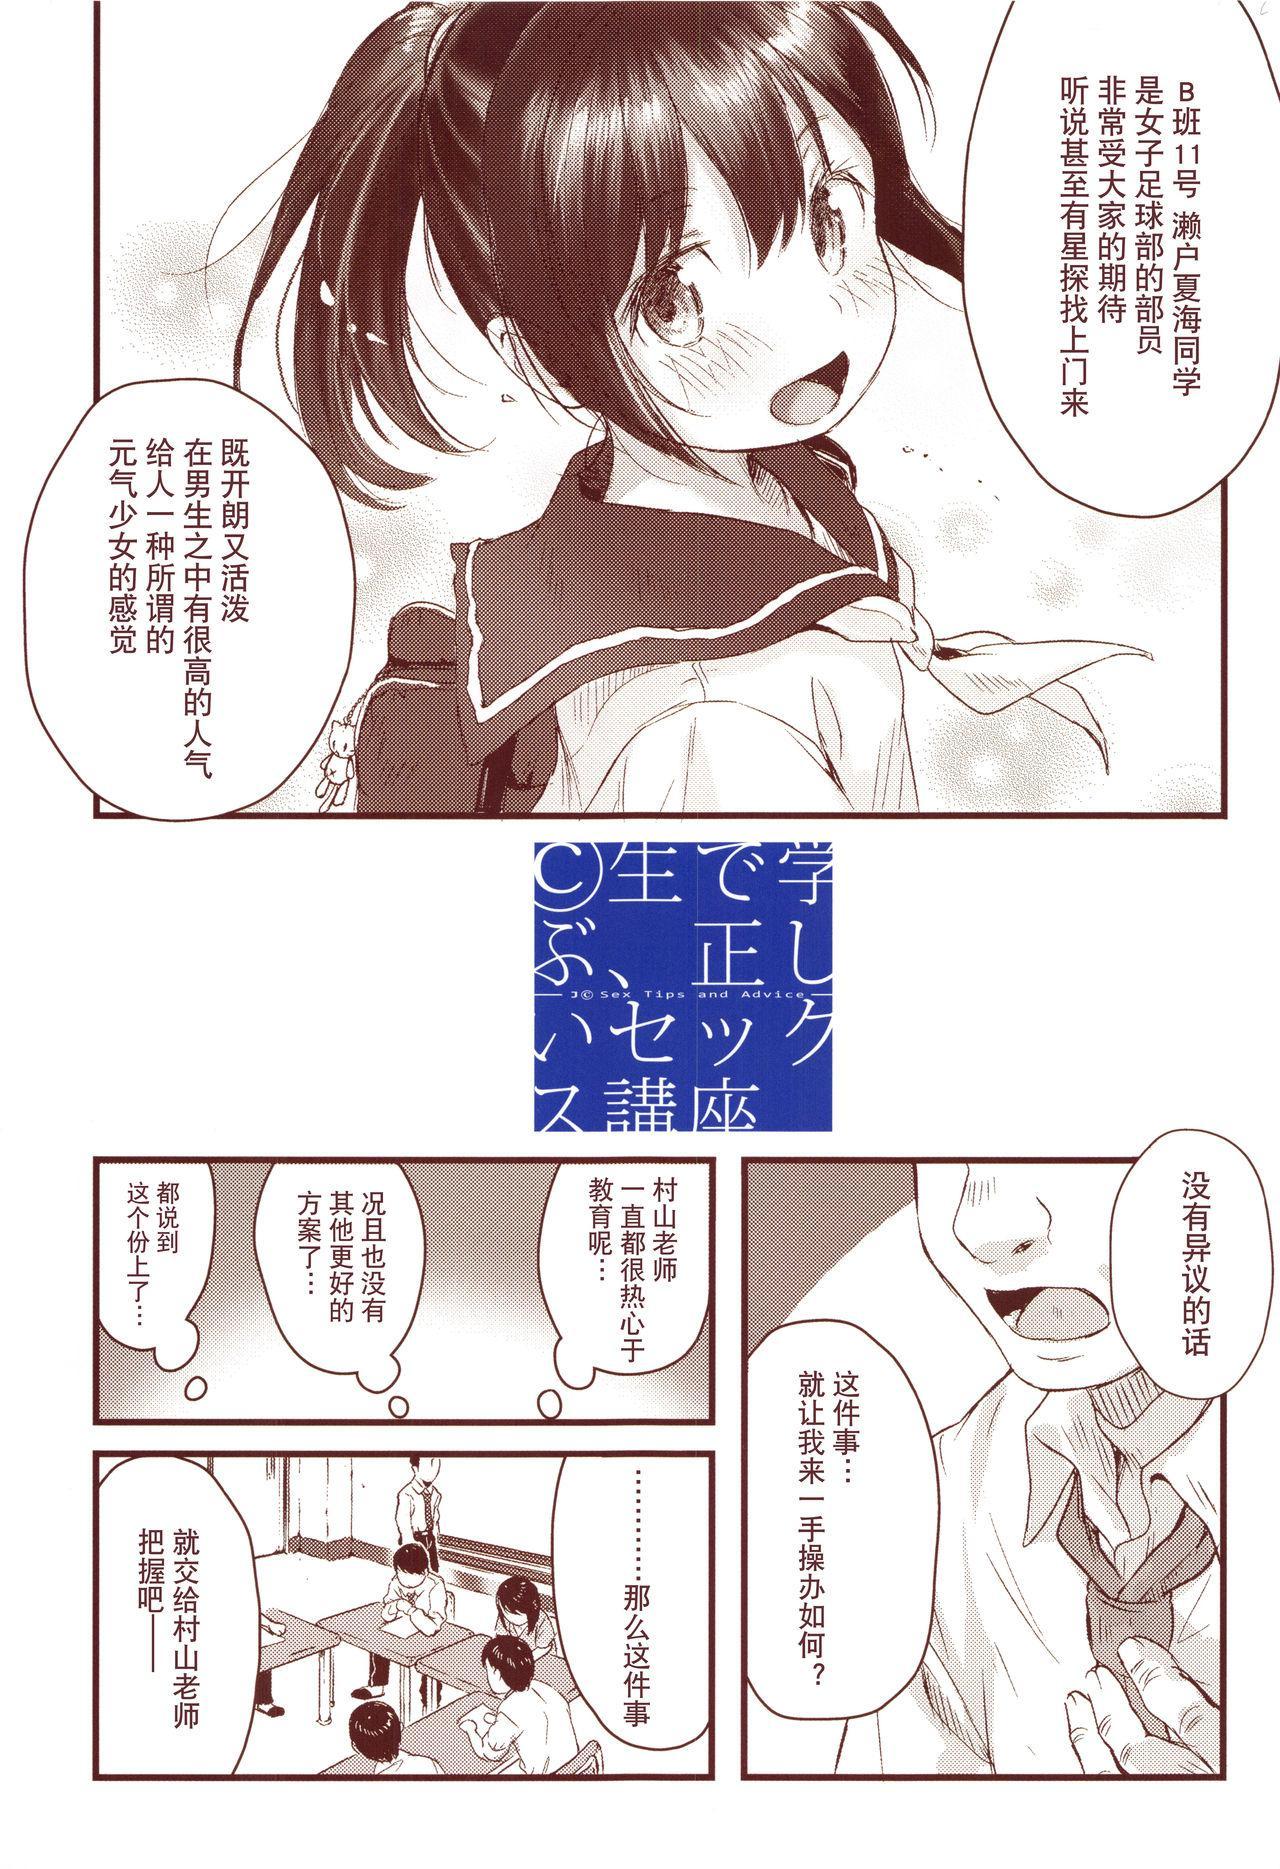 ©-sei de Manabu, Tadashii Sex Kouza 6